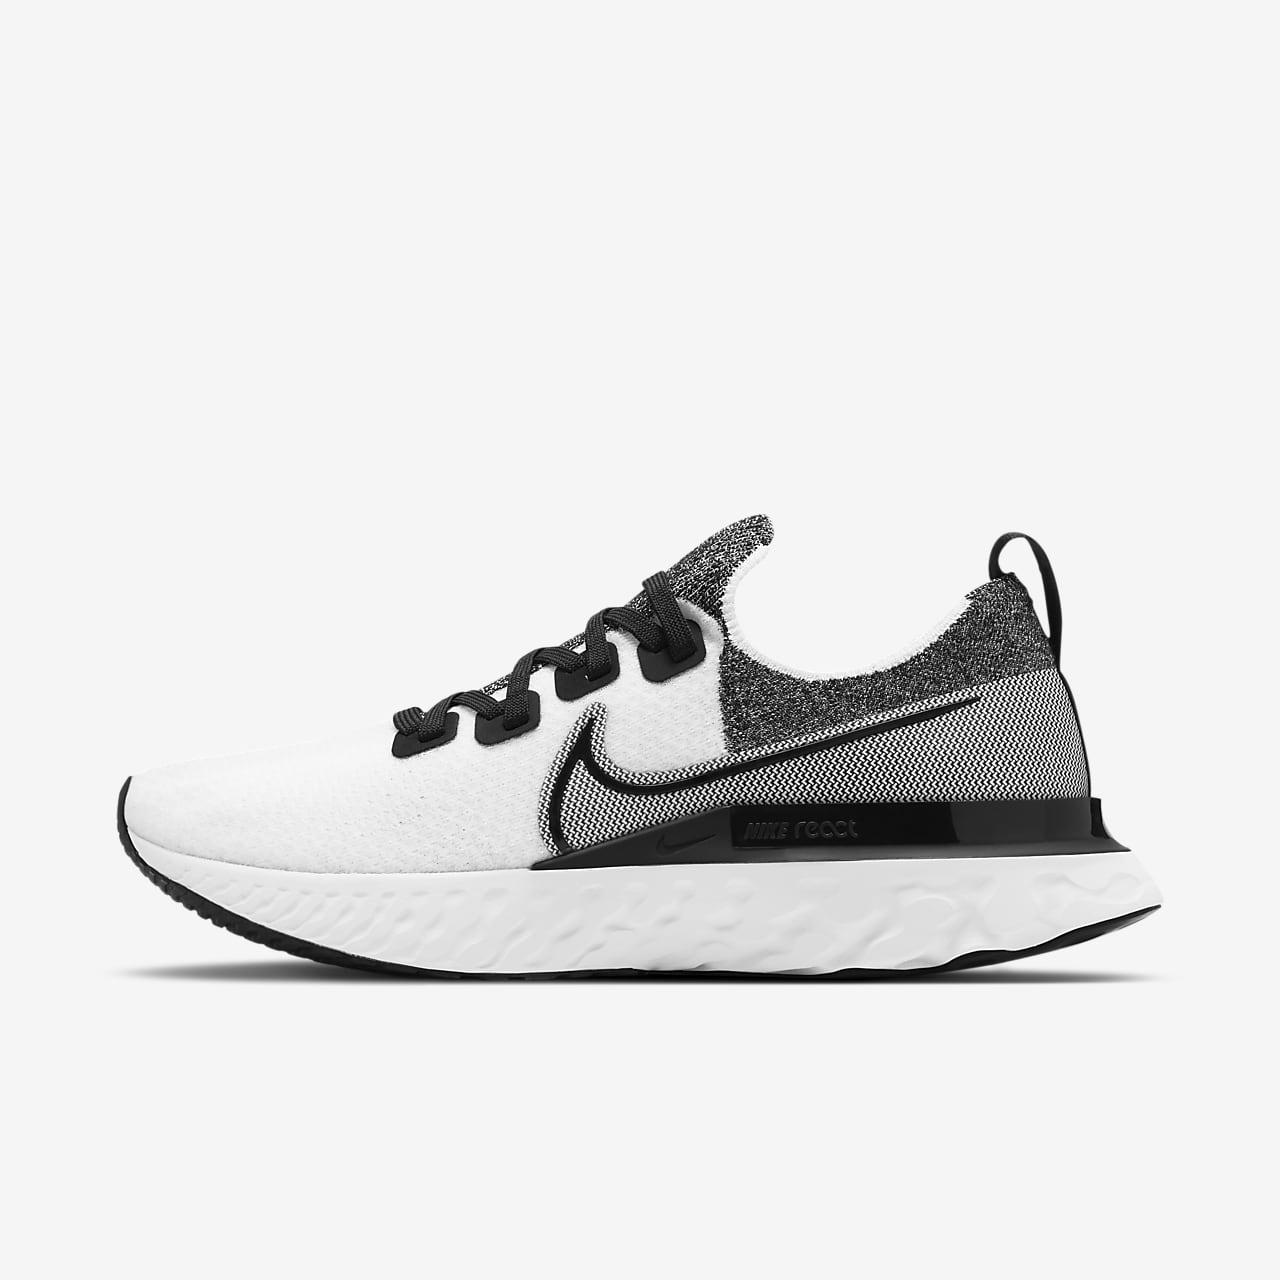 รองเท้าวิ่งผู้ชาย Nike React Infinity Run Flyknit